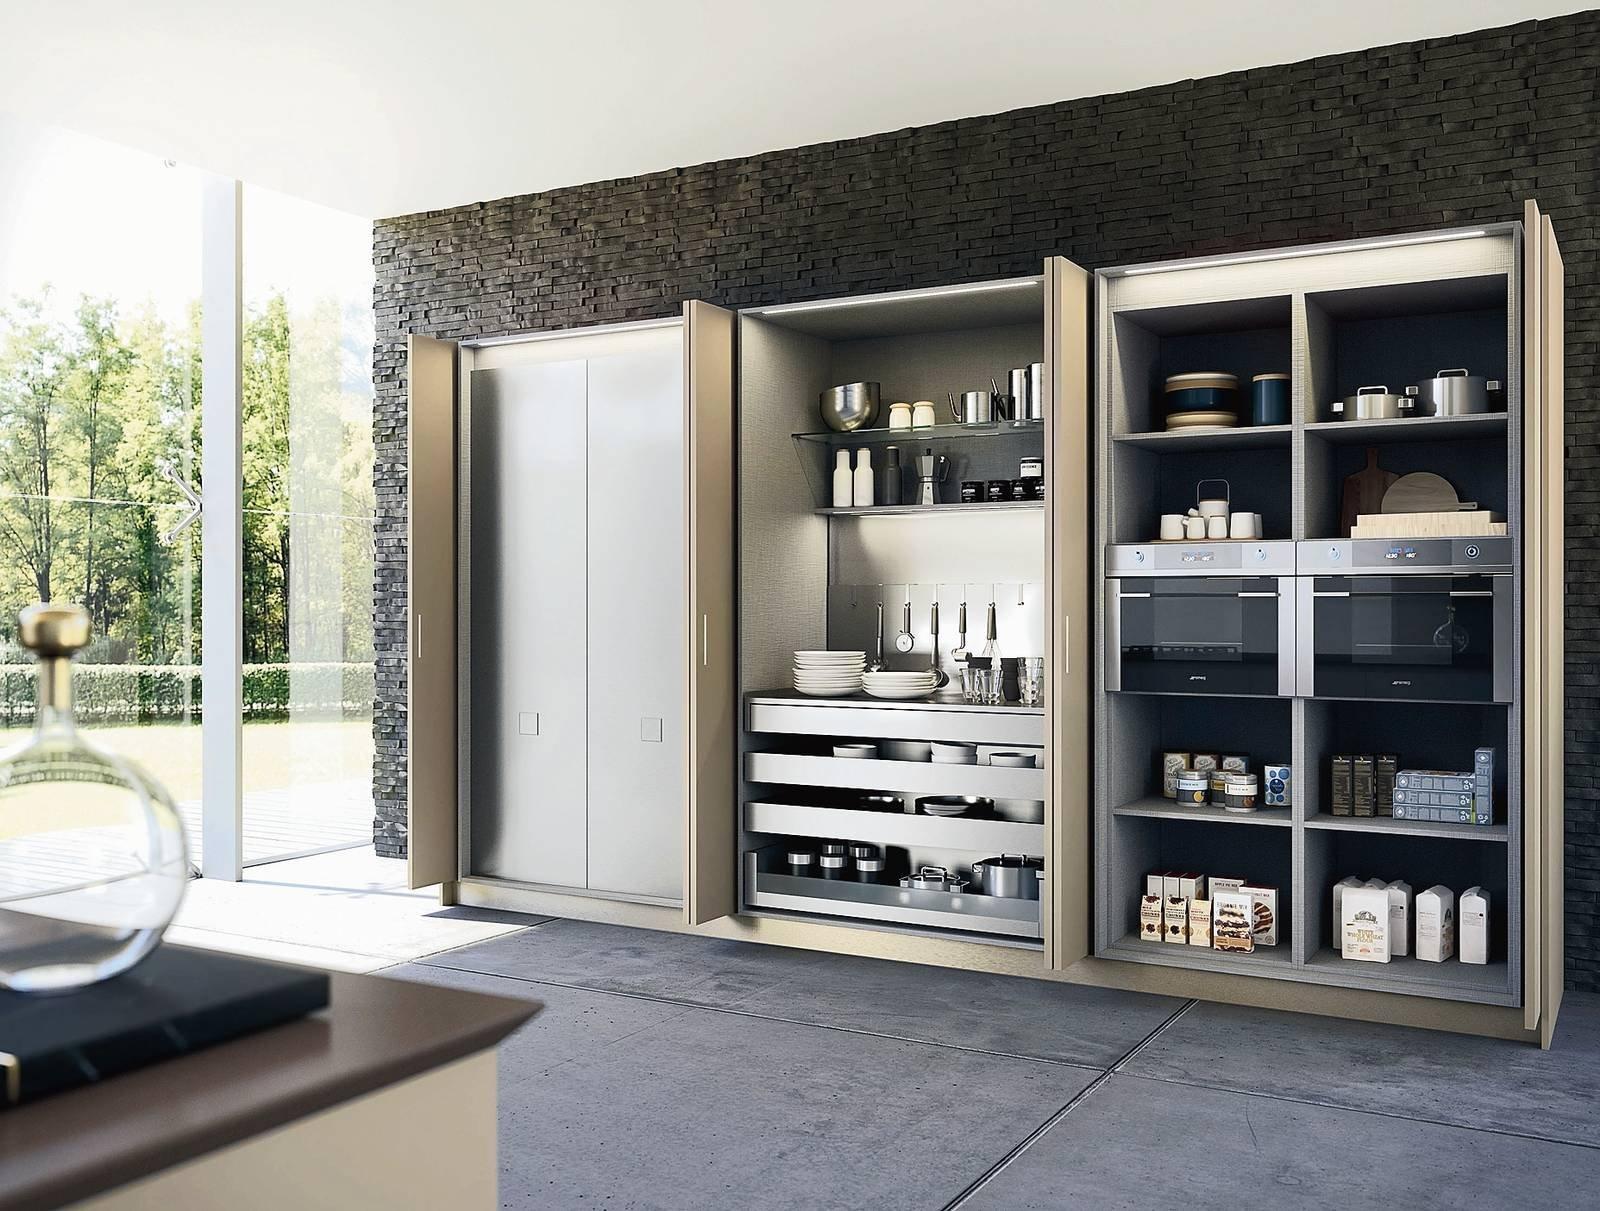 Cucine Moderne Con Ante Scorrevoli.Colonne Per La Cucina E Ogni Cosa Trova Il Posto Giusto Cose Di